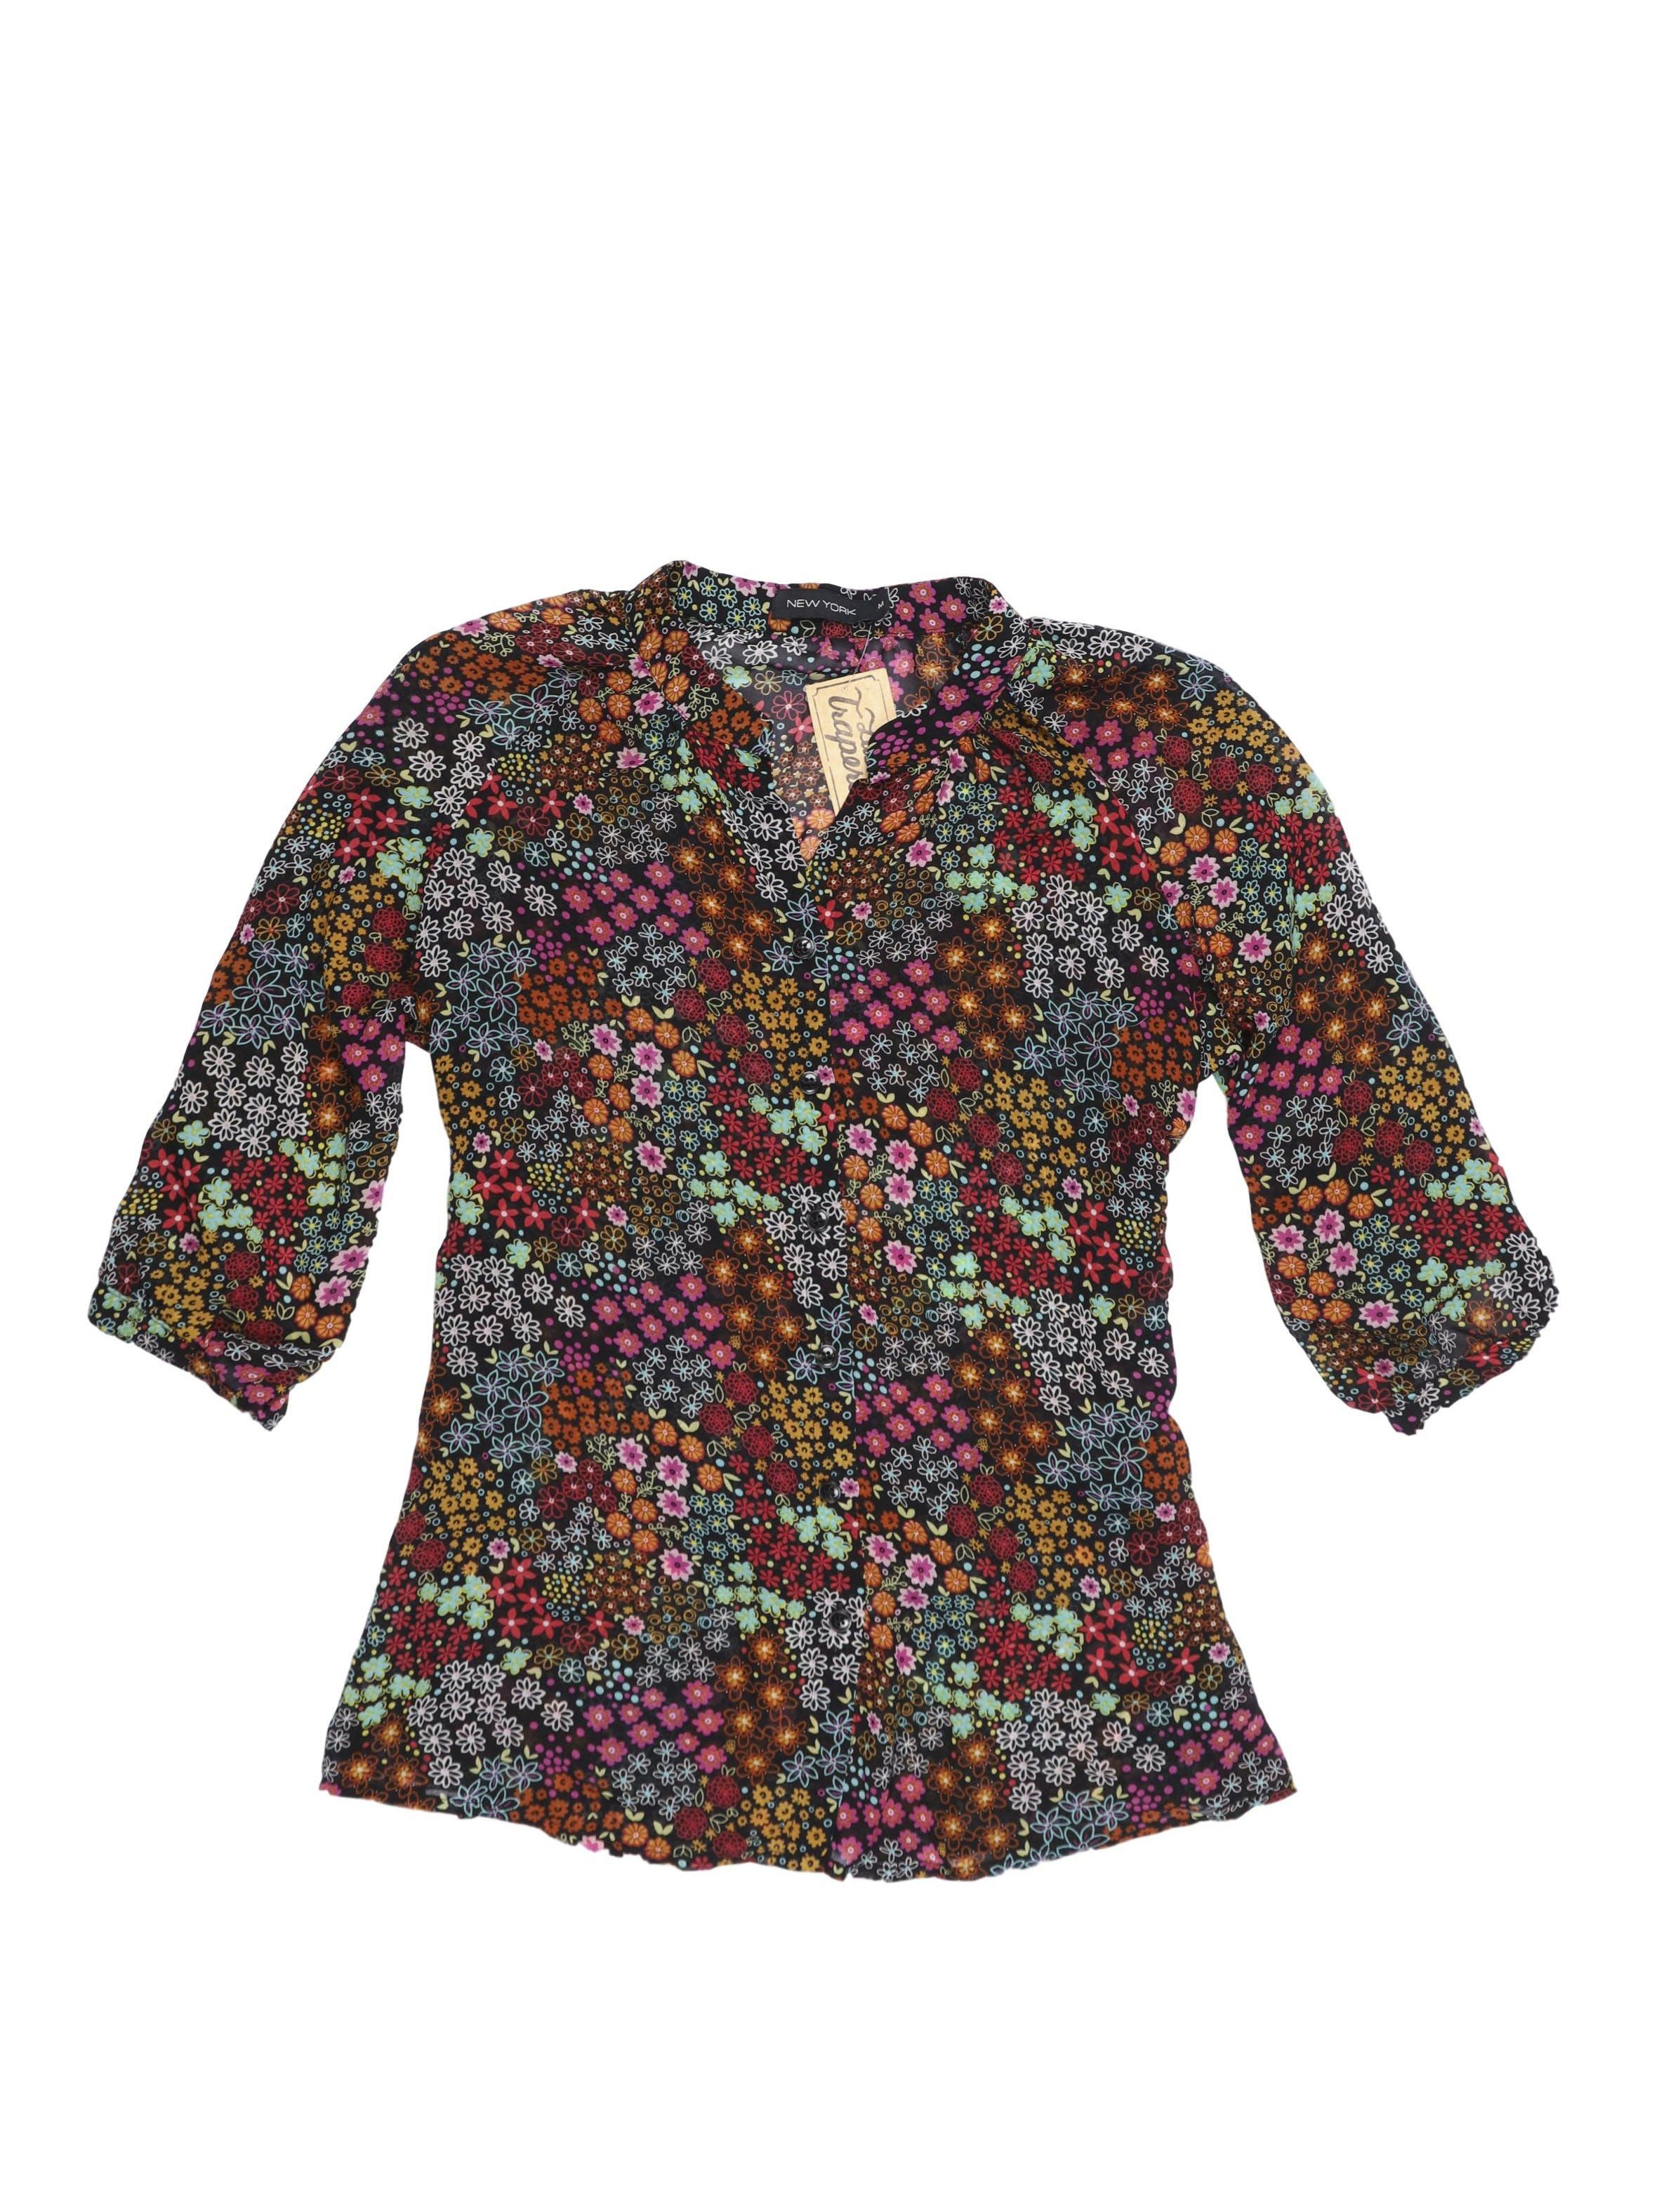 Blusa negra con estampado de flores, manga 3/4, botones al centro y tira a la cintura. Tela rica al tacto